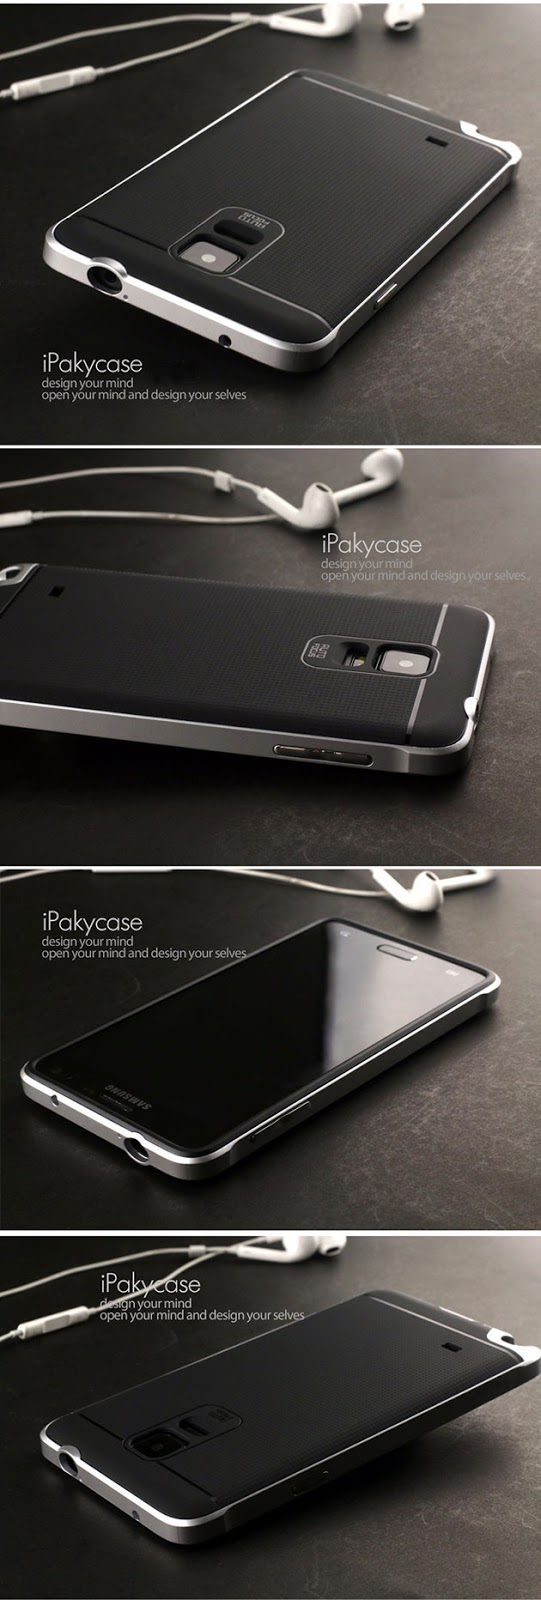 เคส Note 4 สไตล์ไฮบริดของแท้ 131001 สีเงิน